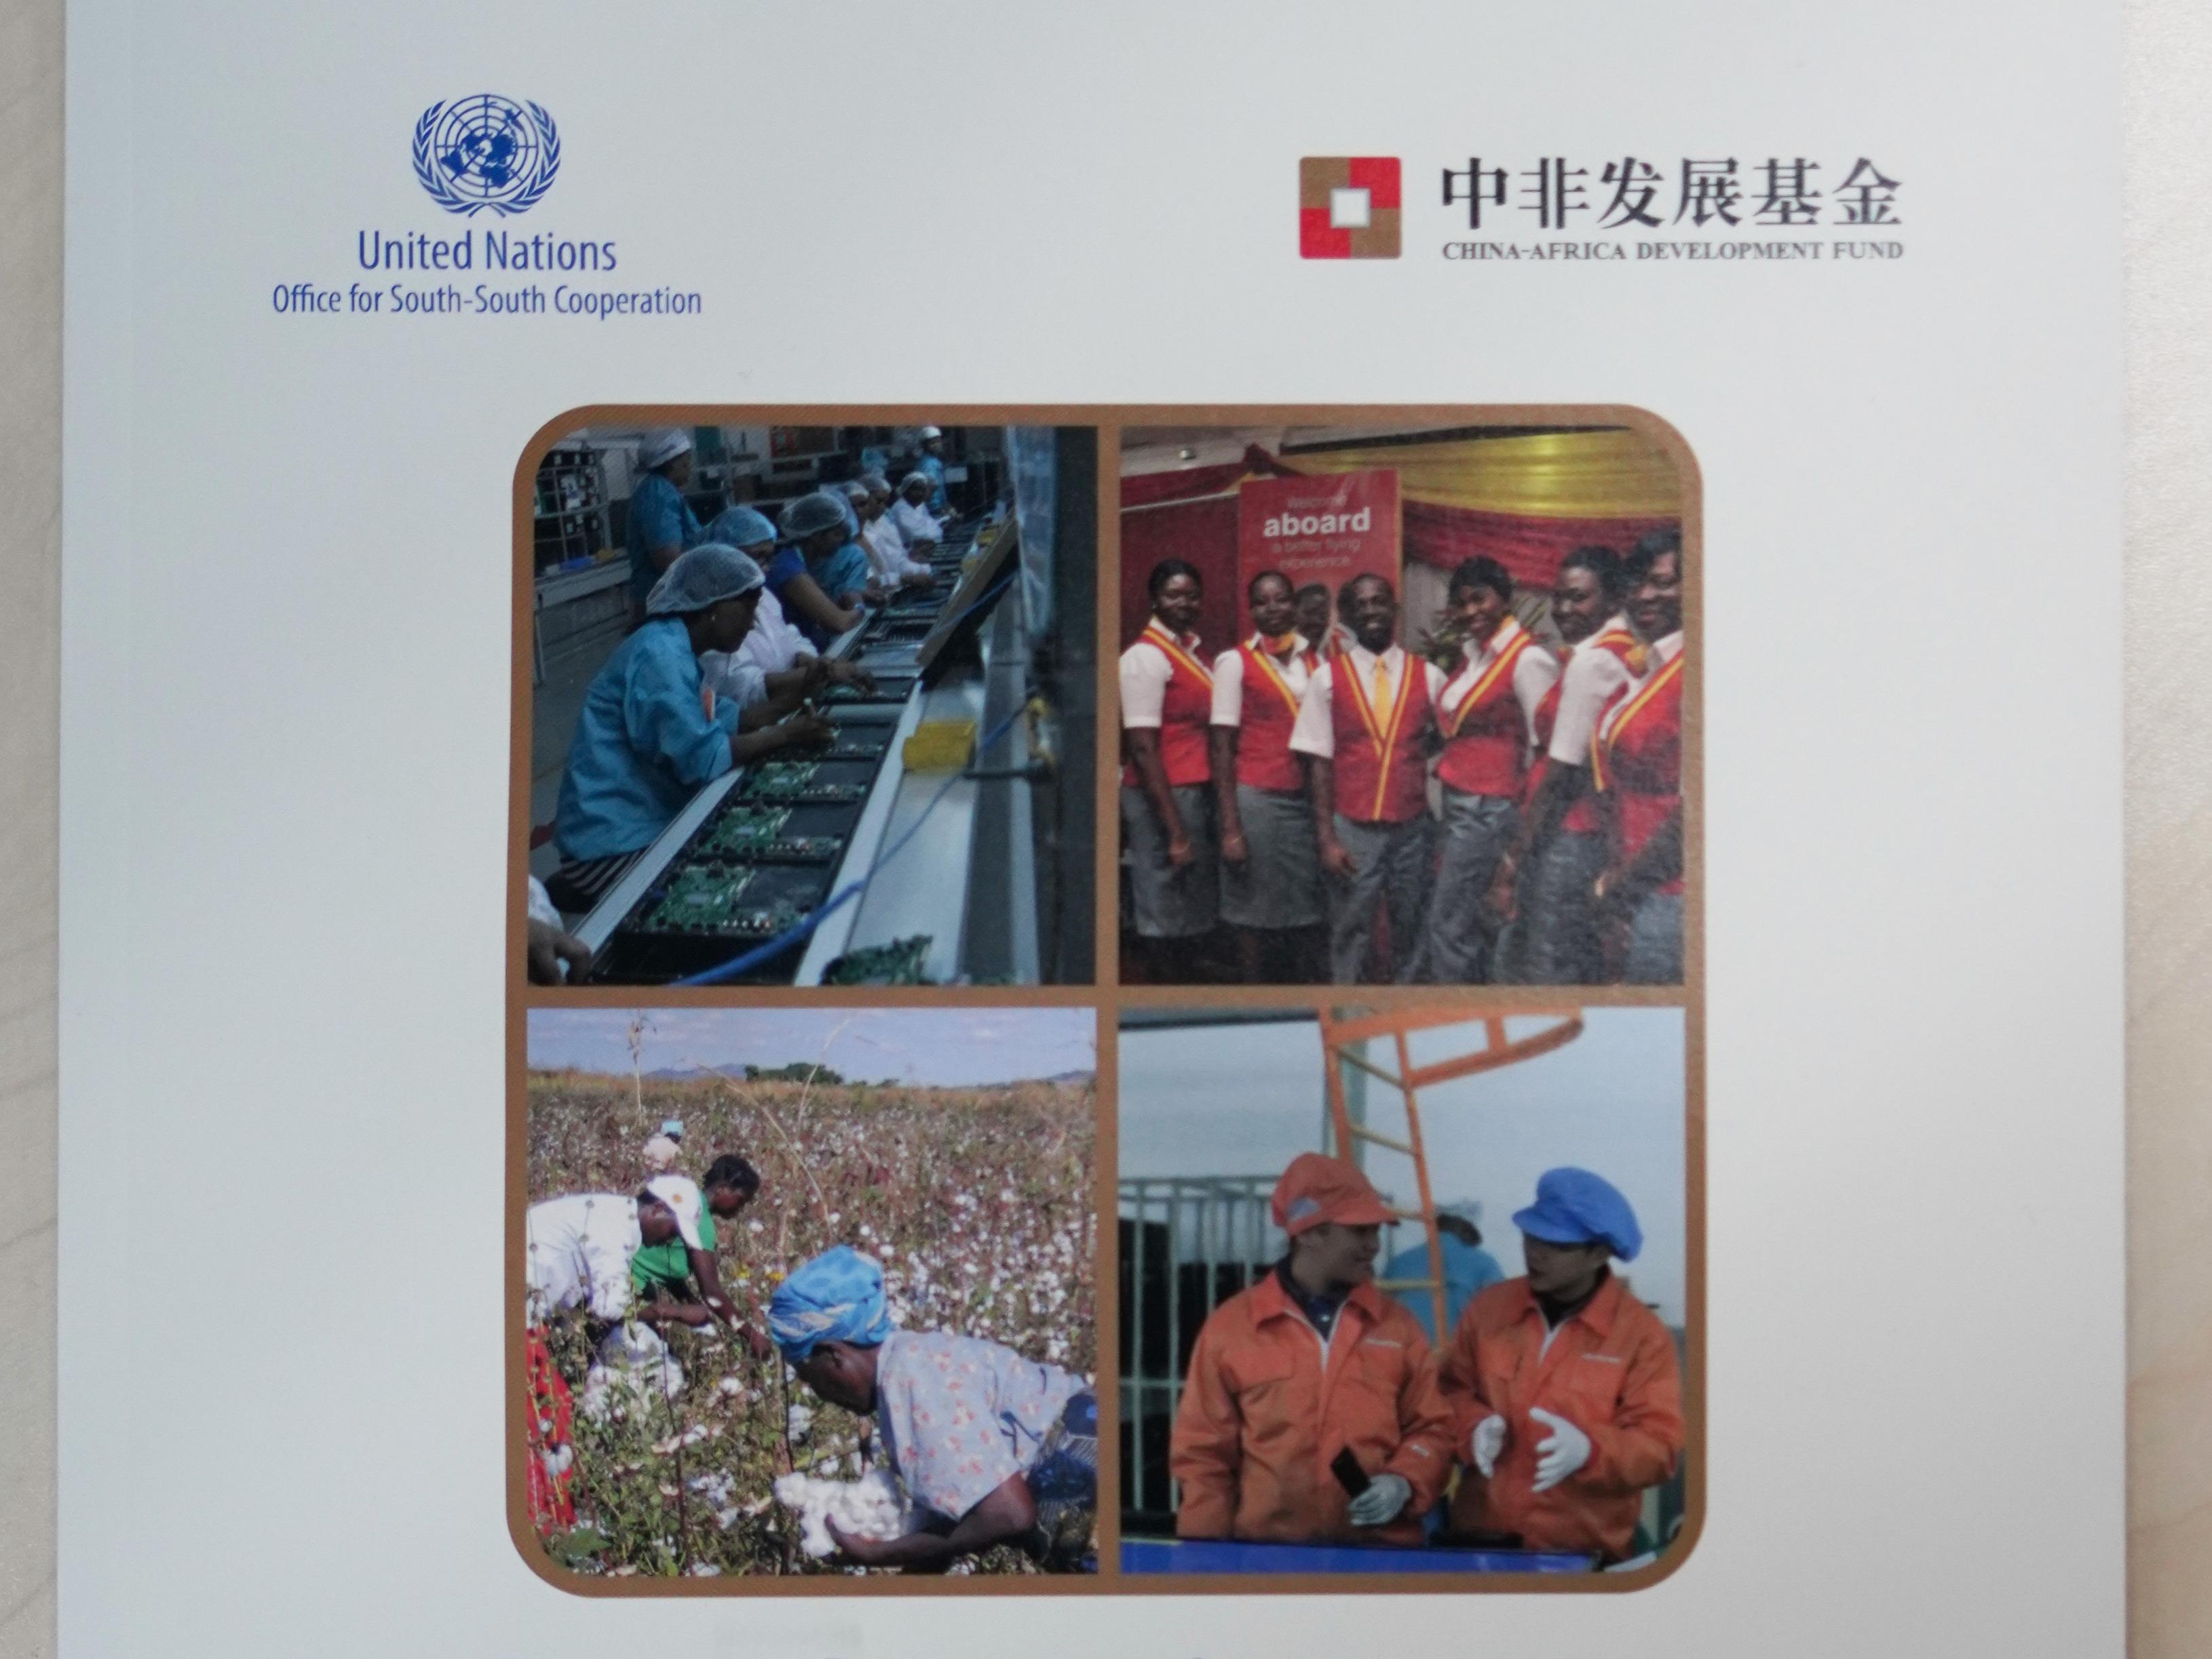 联合国南南合作办公室发布中非发展基金案例专刊